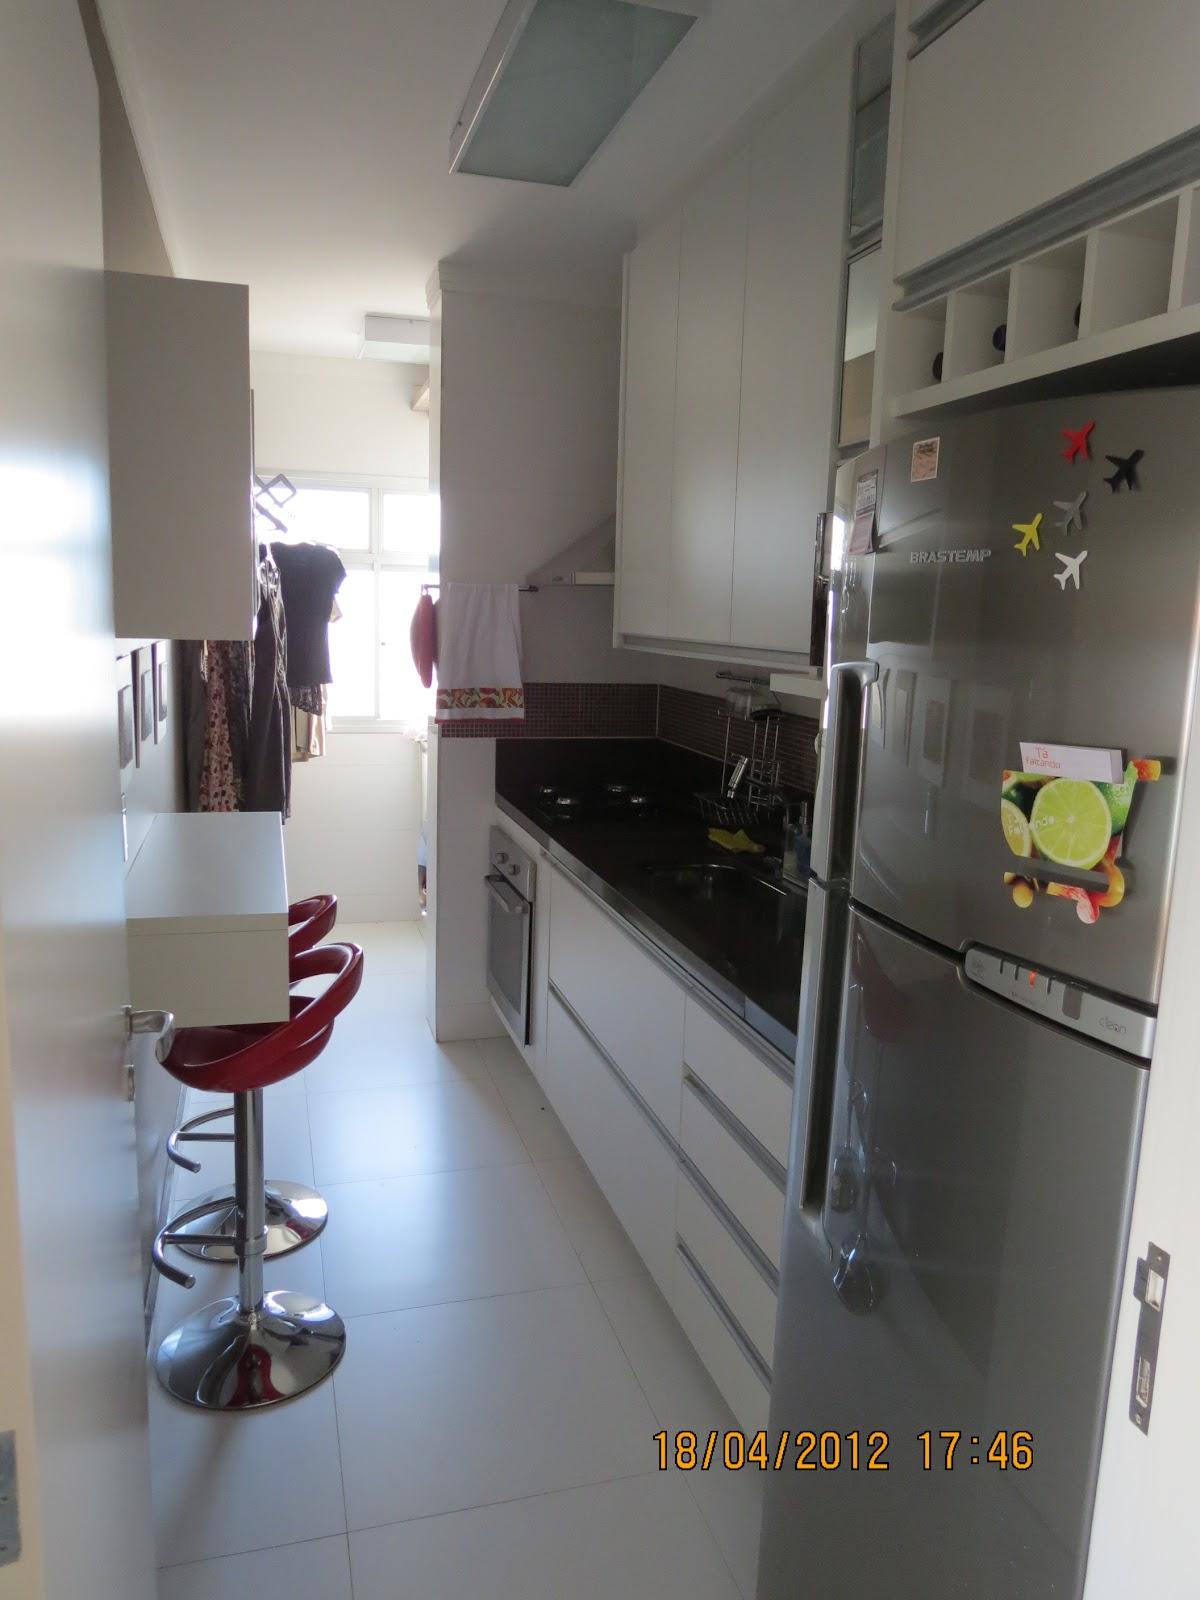 #474632 Marcenaria Arantes. Armario de cozinha em mdf branco tx e puxadores em alumínio 1200x1600 px Armario De Cozinha Em Aluminio #2973 imagens